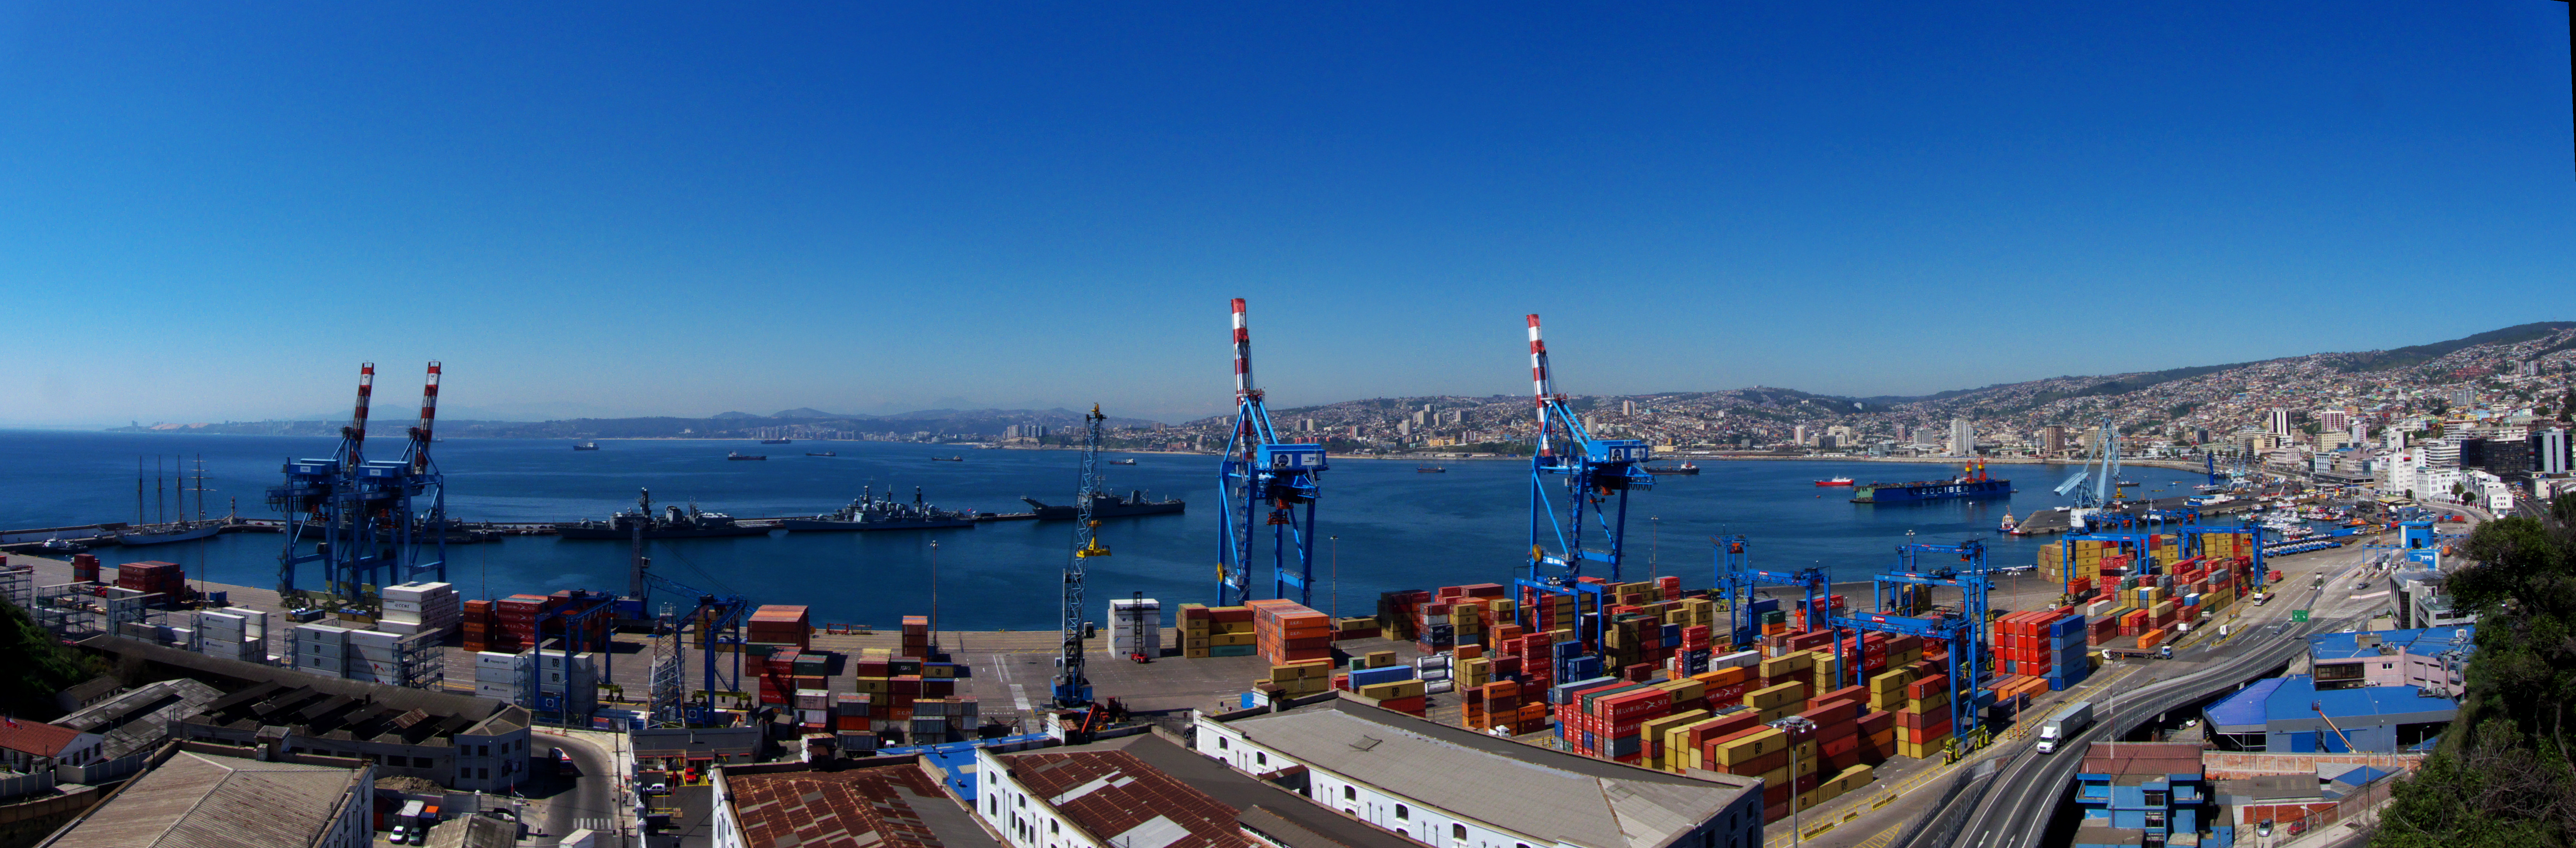 Aprueban inédita alianza público-privada para potenciar turismo en la región de Valparaíso